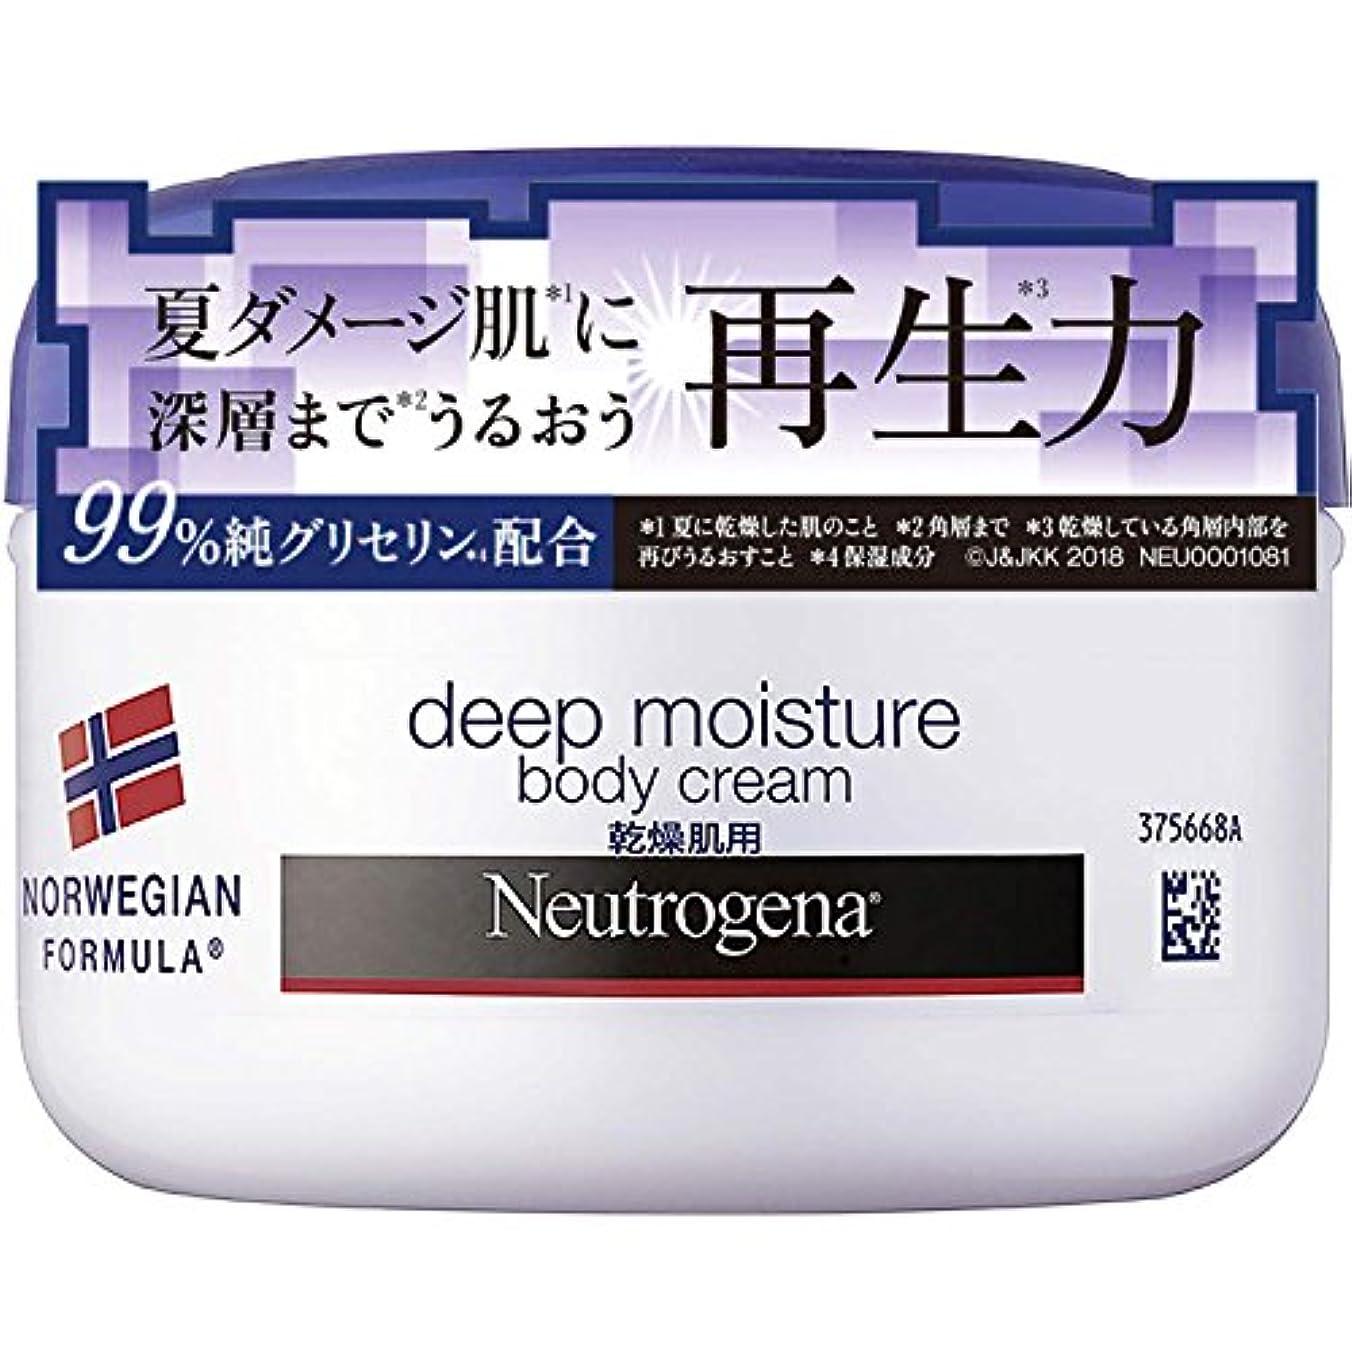 おいしい挨拶する大胆なNeutrogena(ニュートロジーナ) ノルウェーフォーミュラ ディープモイスチャー ボディクリーム 乾燥肌用 微香性 200ml